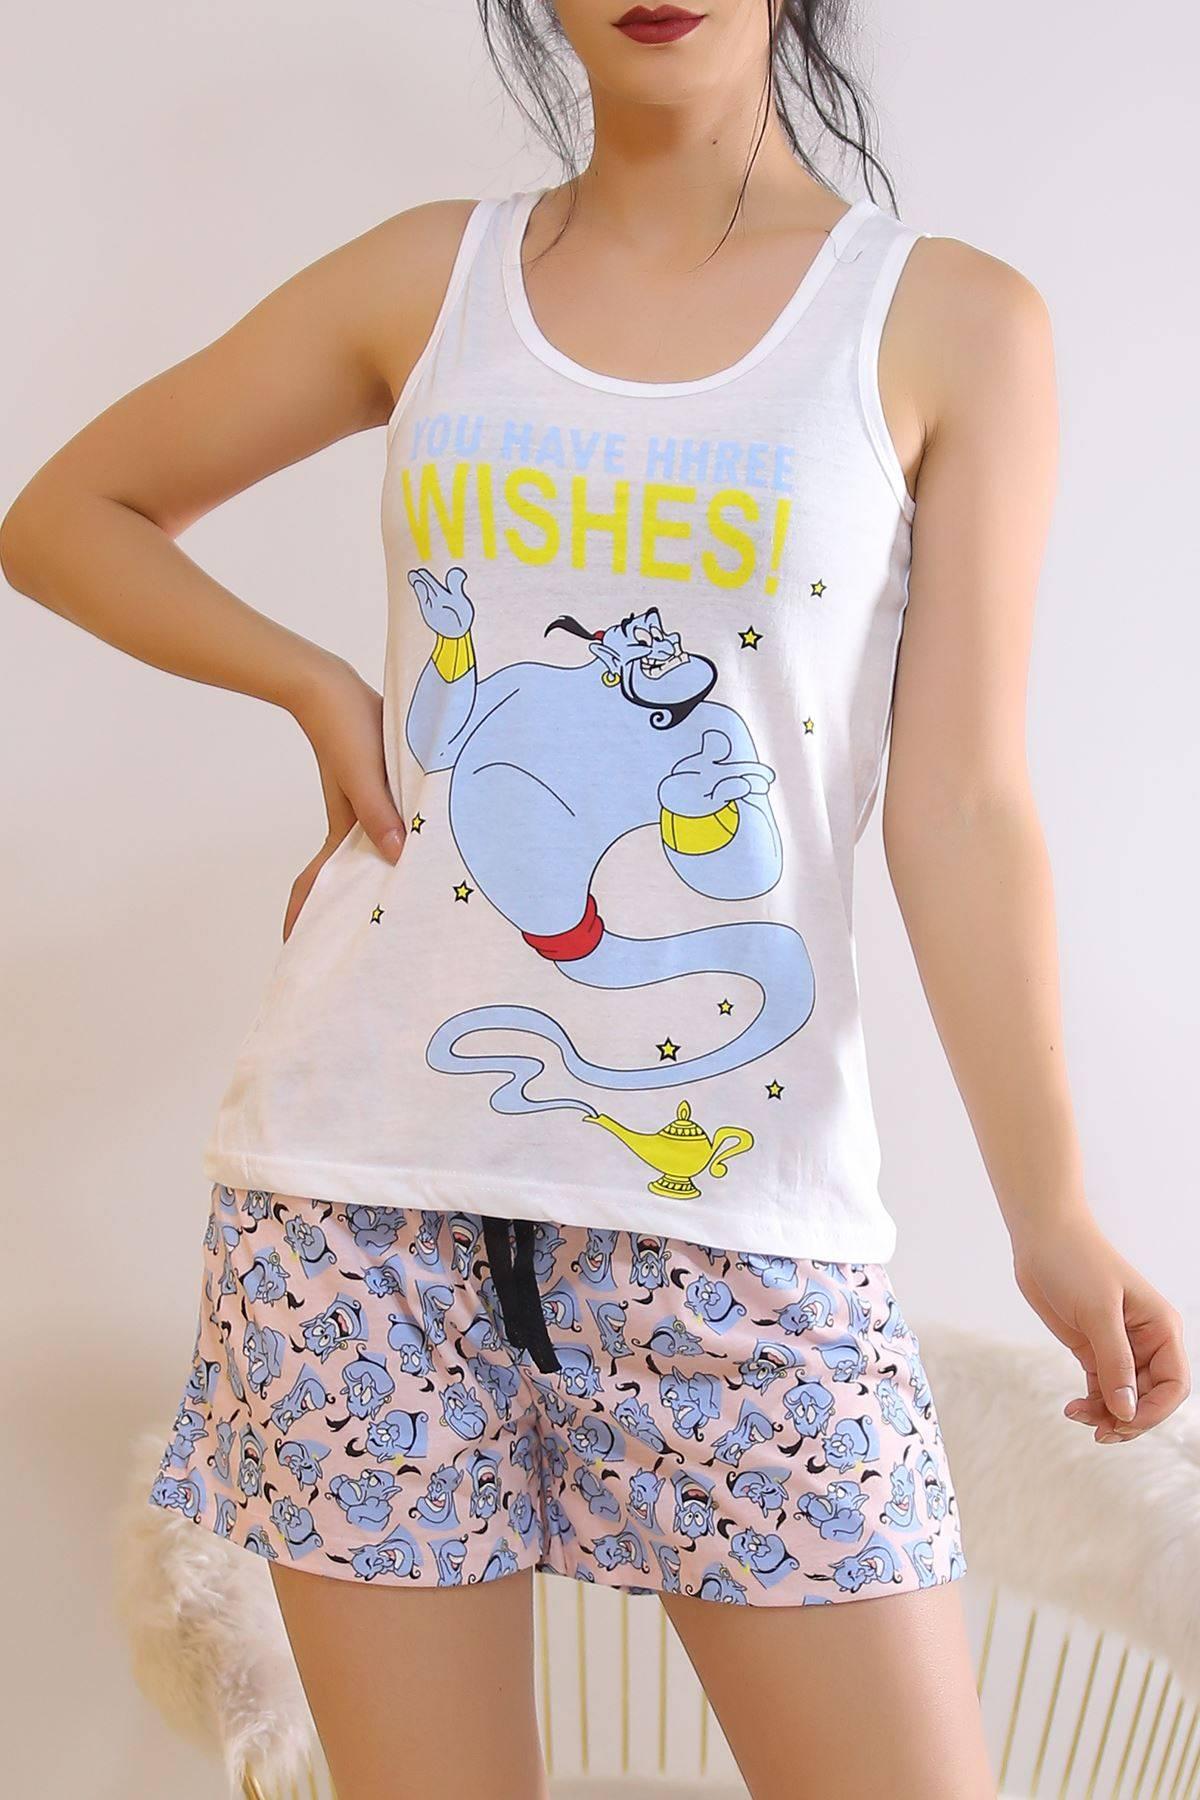 Şortlu Pijama Takımı Beyazmavi - 6511.1247.